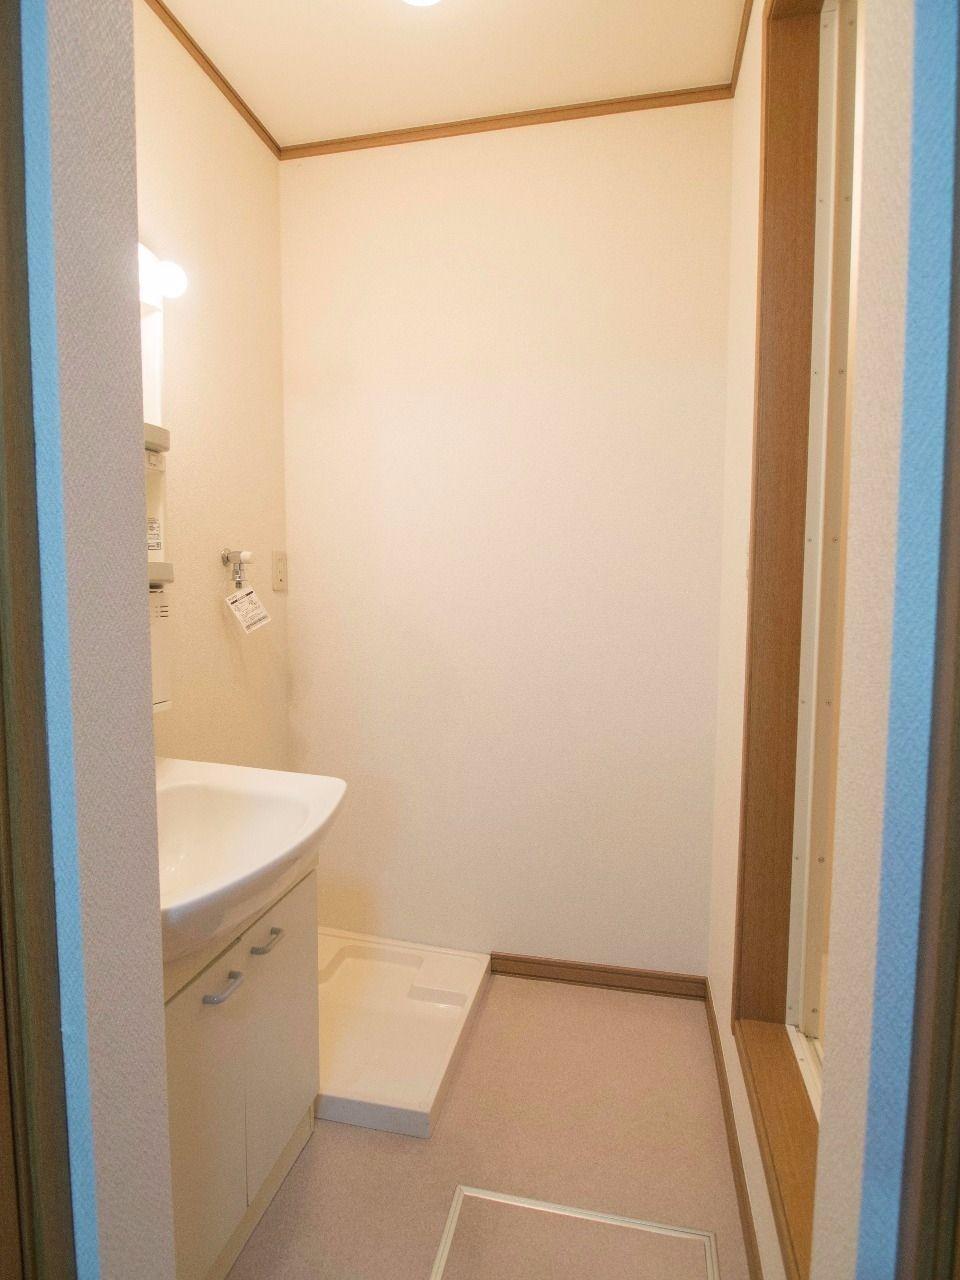 洗面台と洗濯機置場がある洗面所